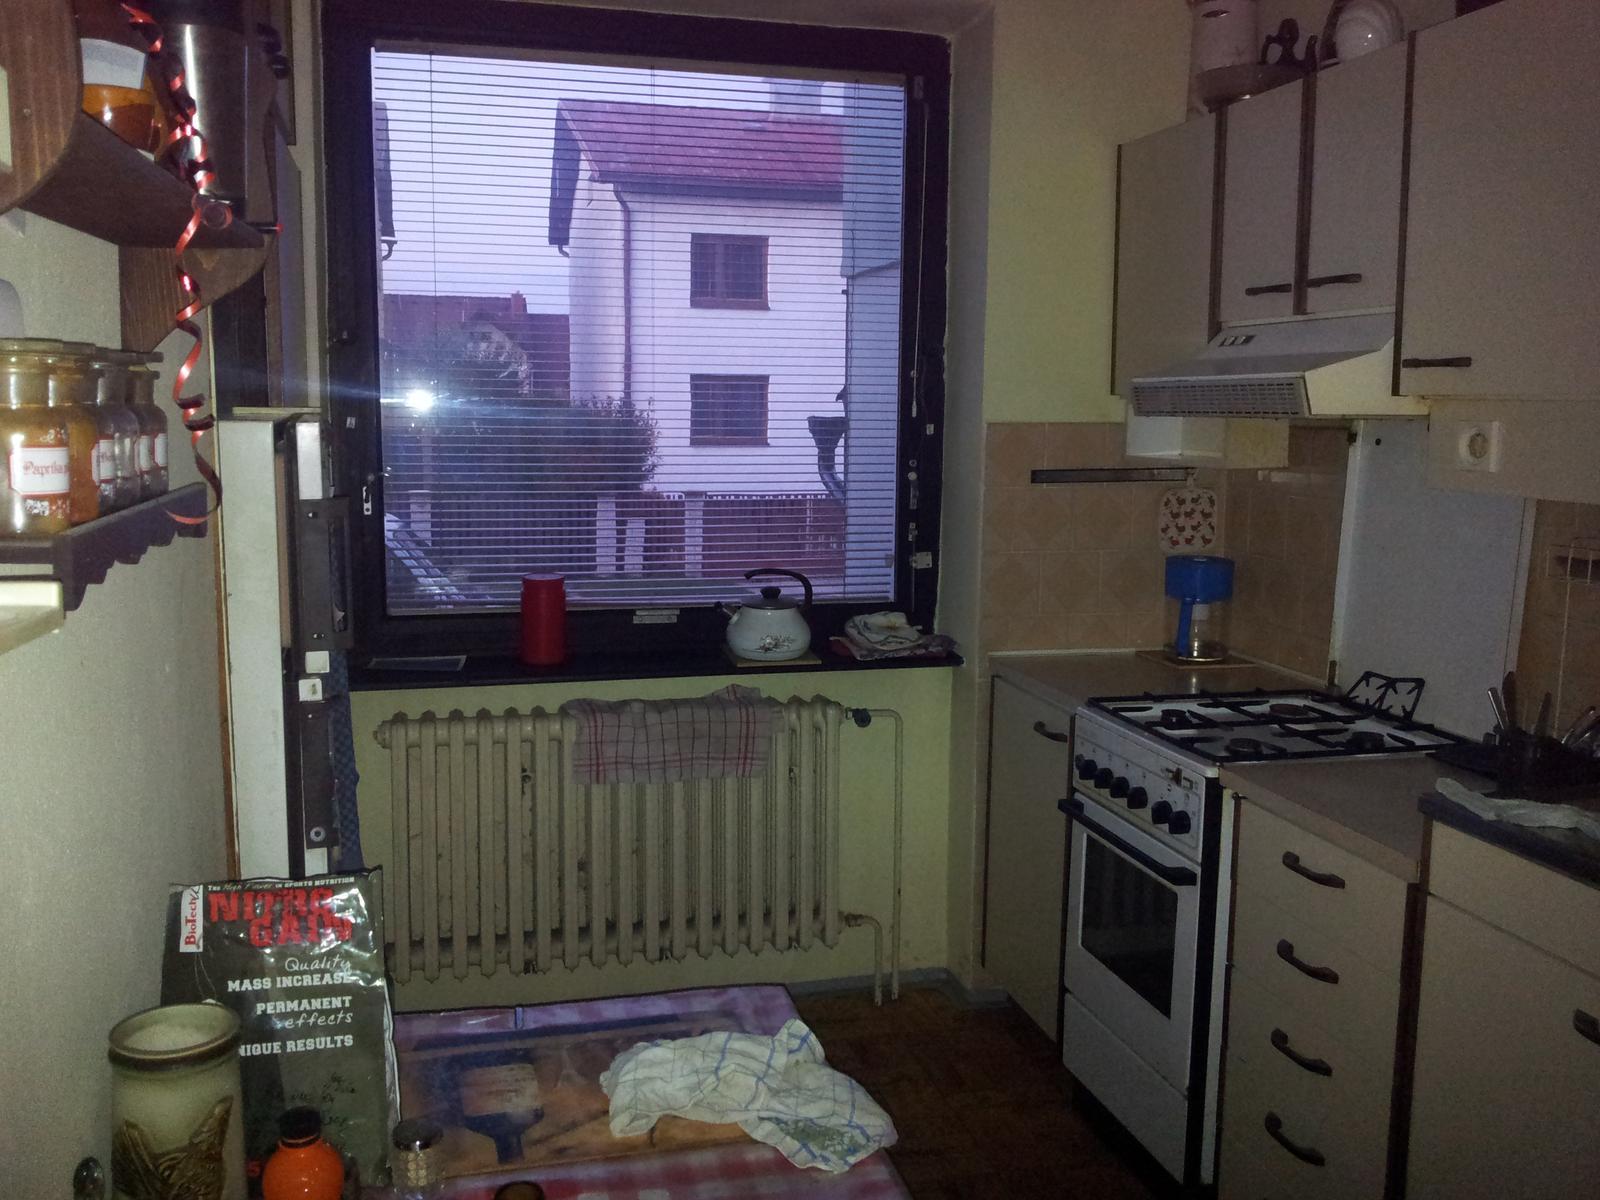 Naša rekonštrukcia - toto sa na moju kuchynu snov nepodobalo ani zdaleka